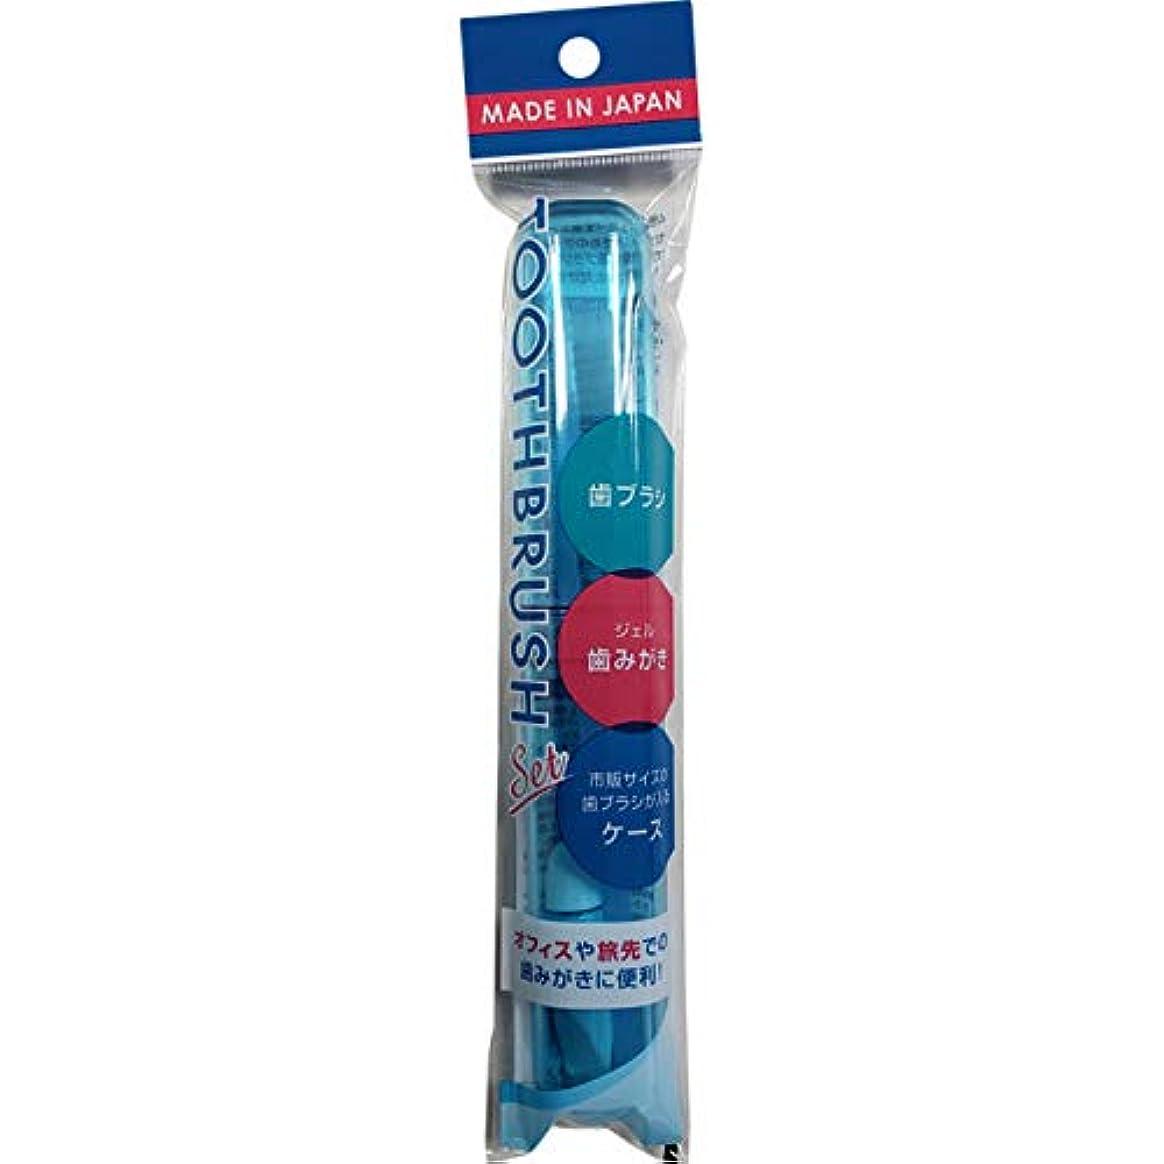 そっと診療所タービン【4個セット】歯ブラシ&ジェル歯みがきケースセット